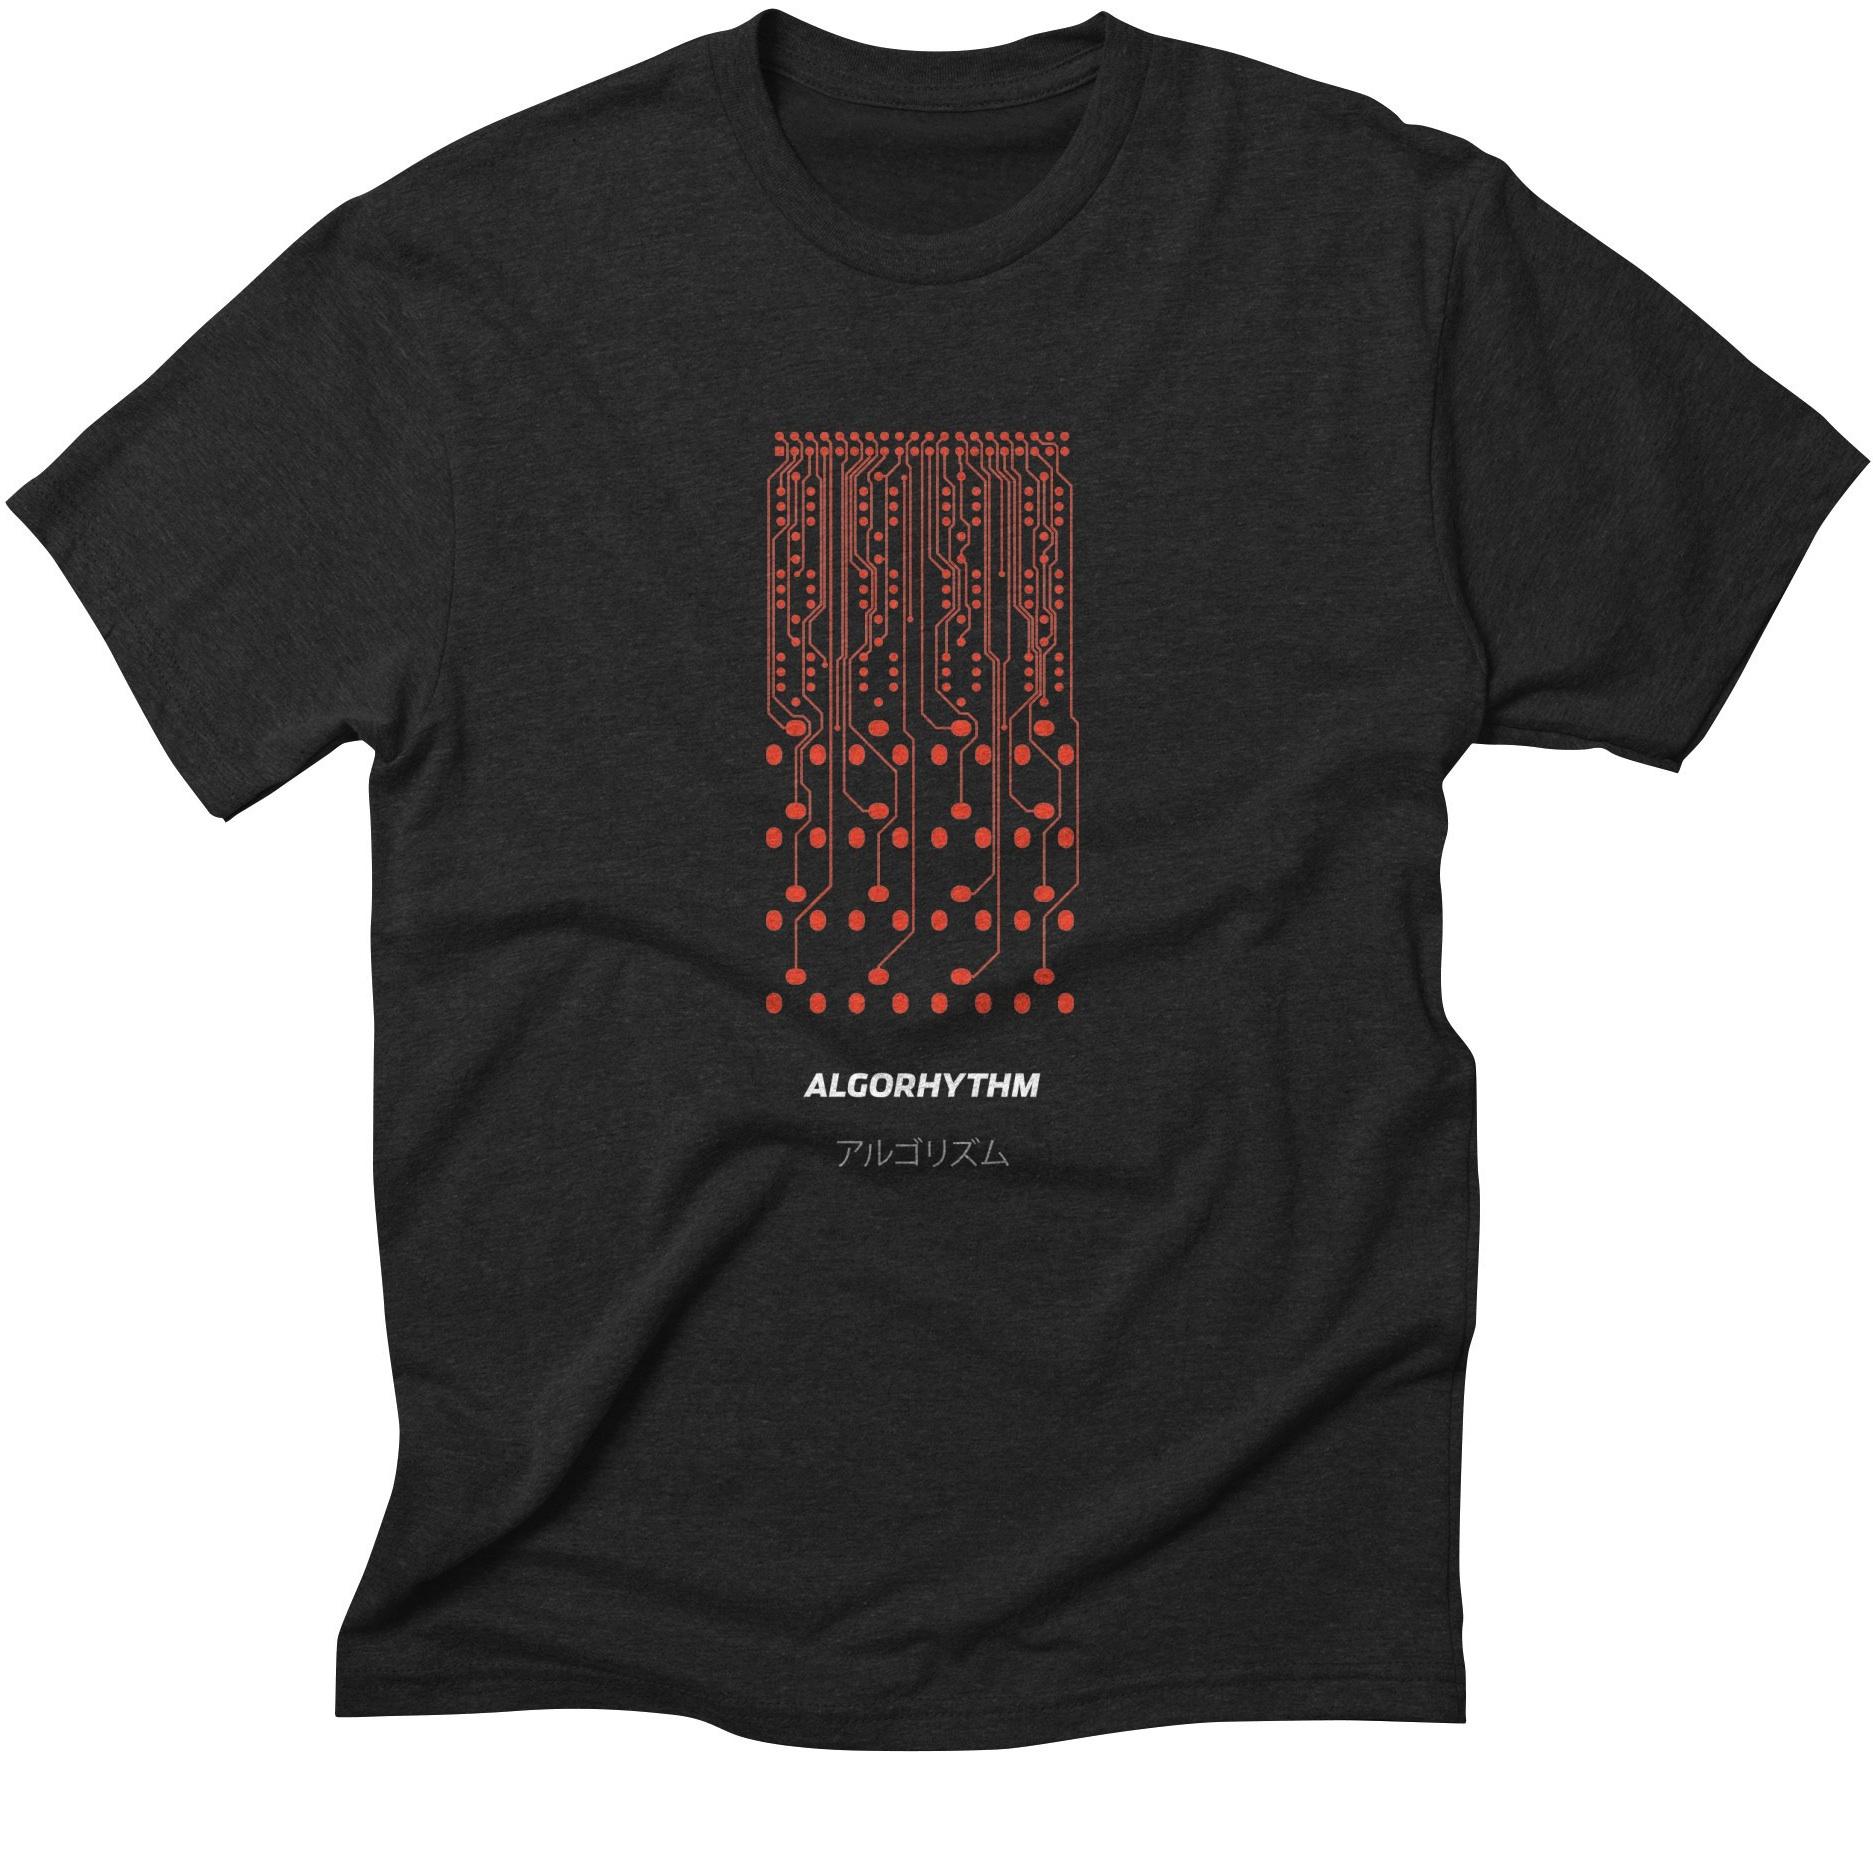 Grayscale modular synthesizer shirts